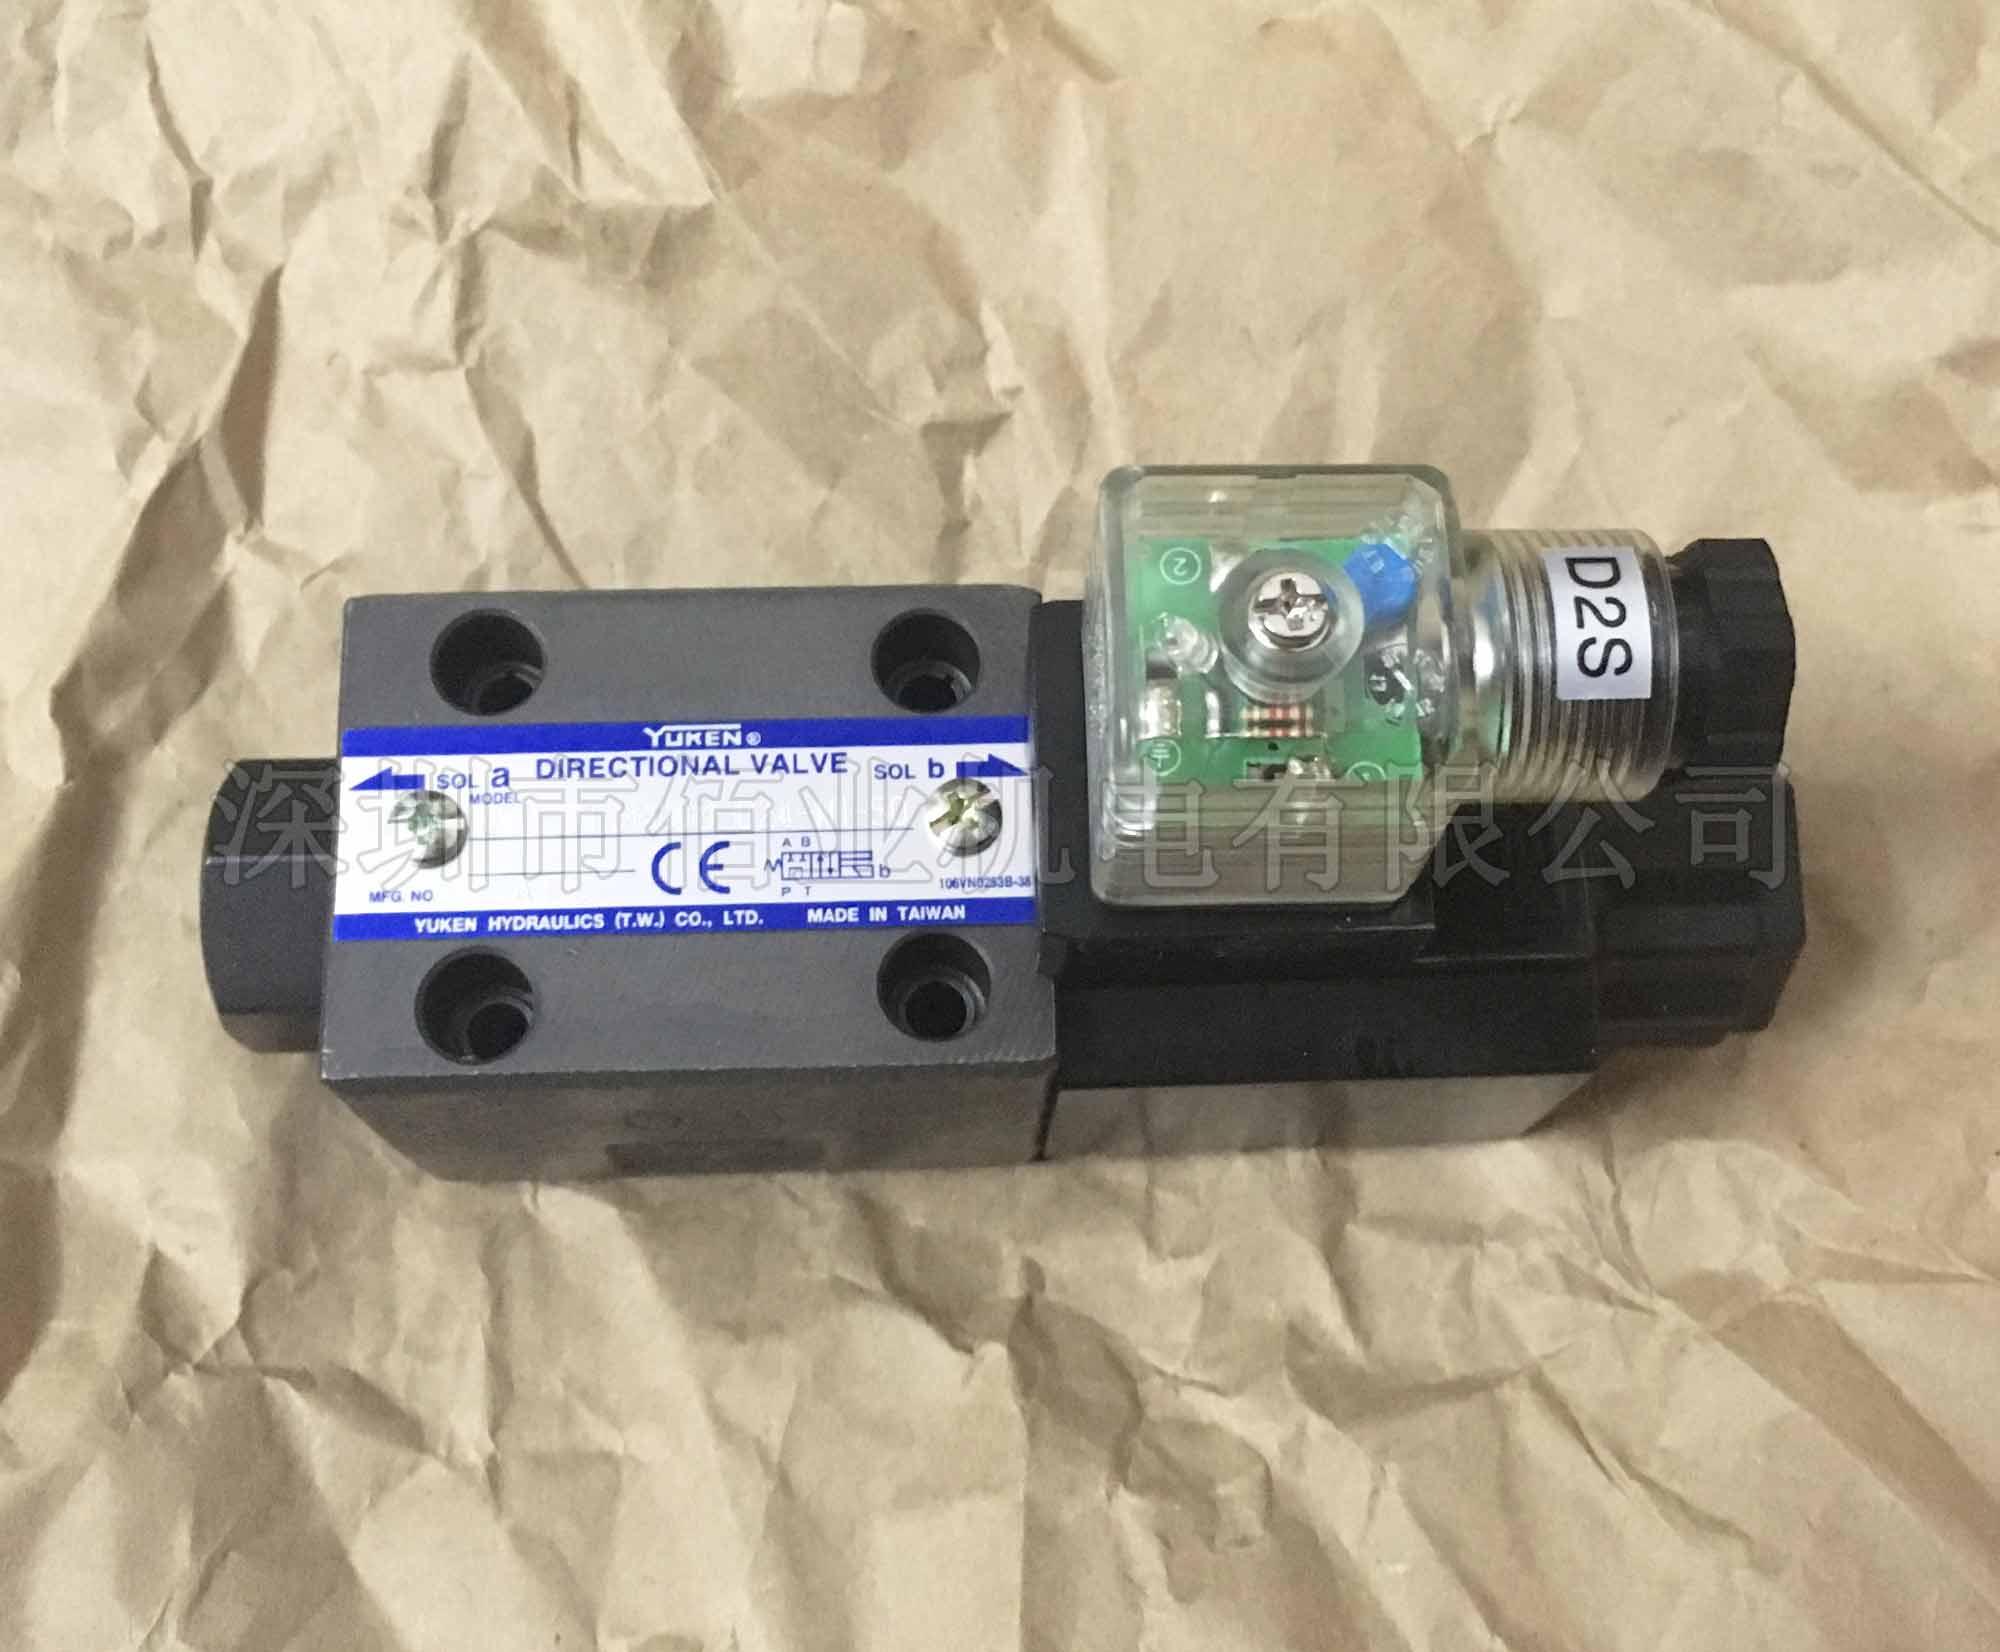 臺灣油研電磁方向閥,DSG-01-2B60B-D24-N1-50